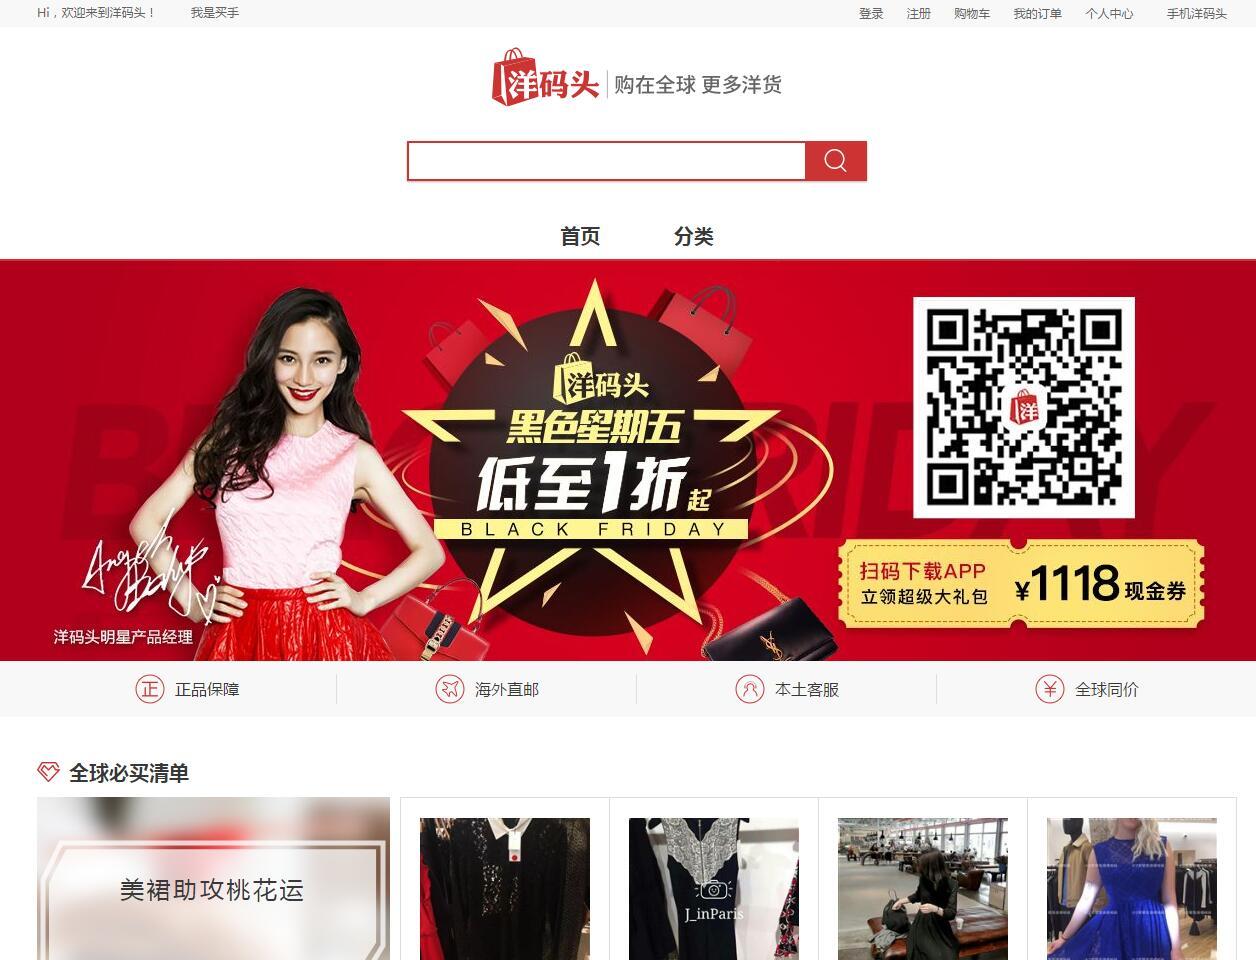 china online marketing strategy - ymatou